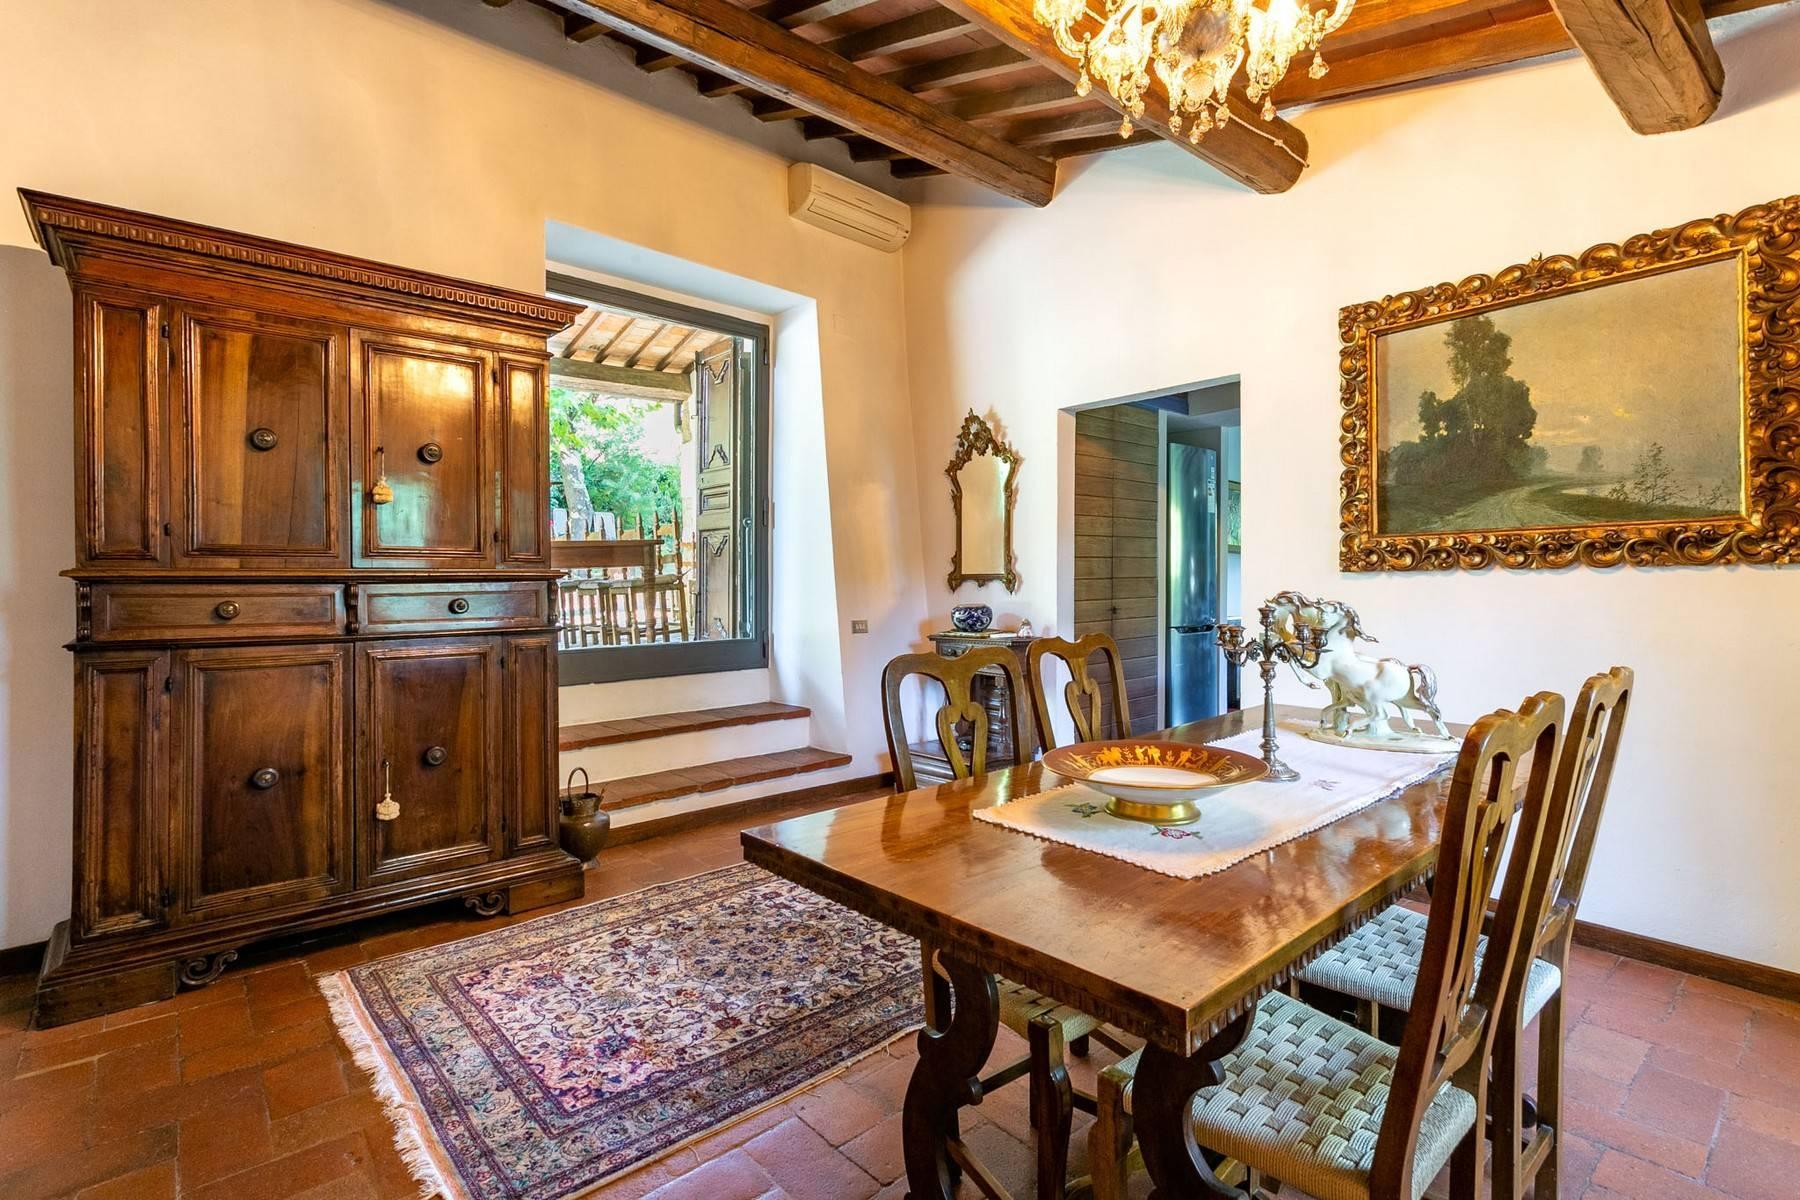 Villa mitten im Grünen in der Nähe von Florenz - 8